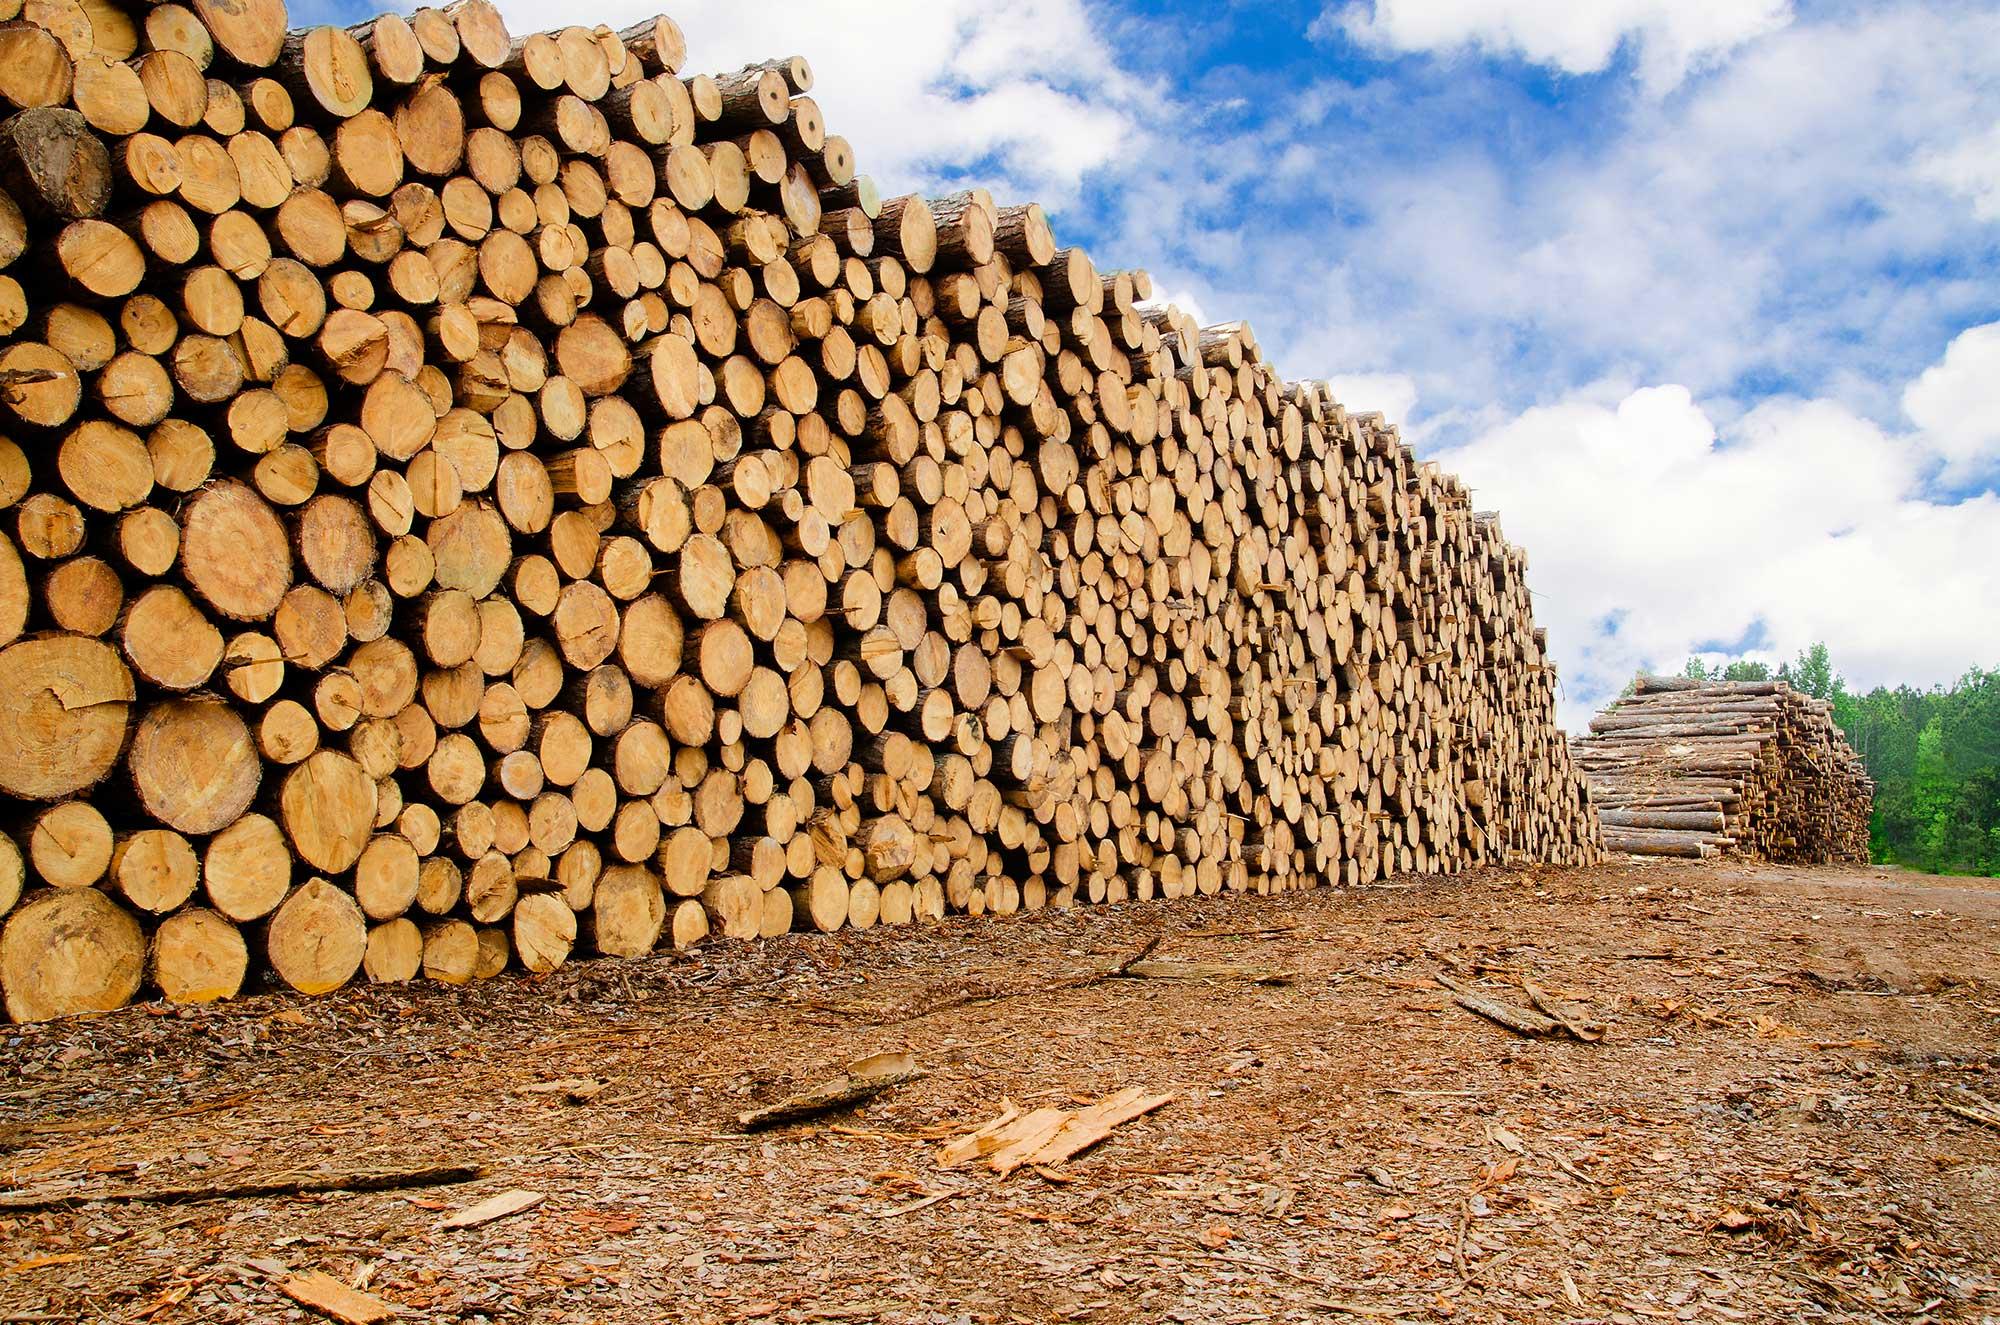 Estonia: Roundwood prices in January 2017